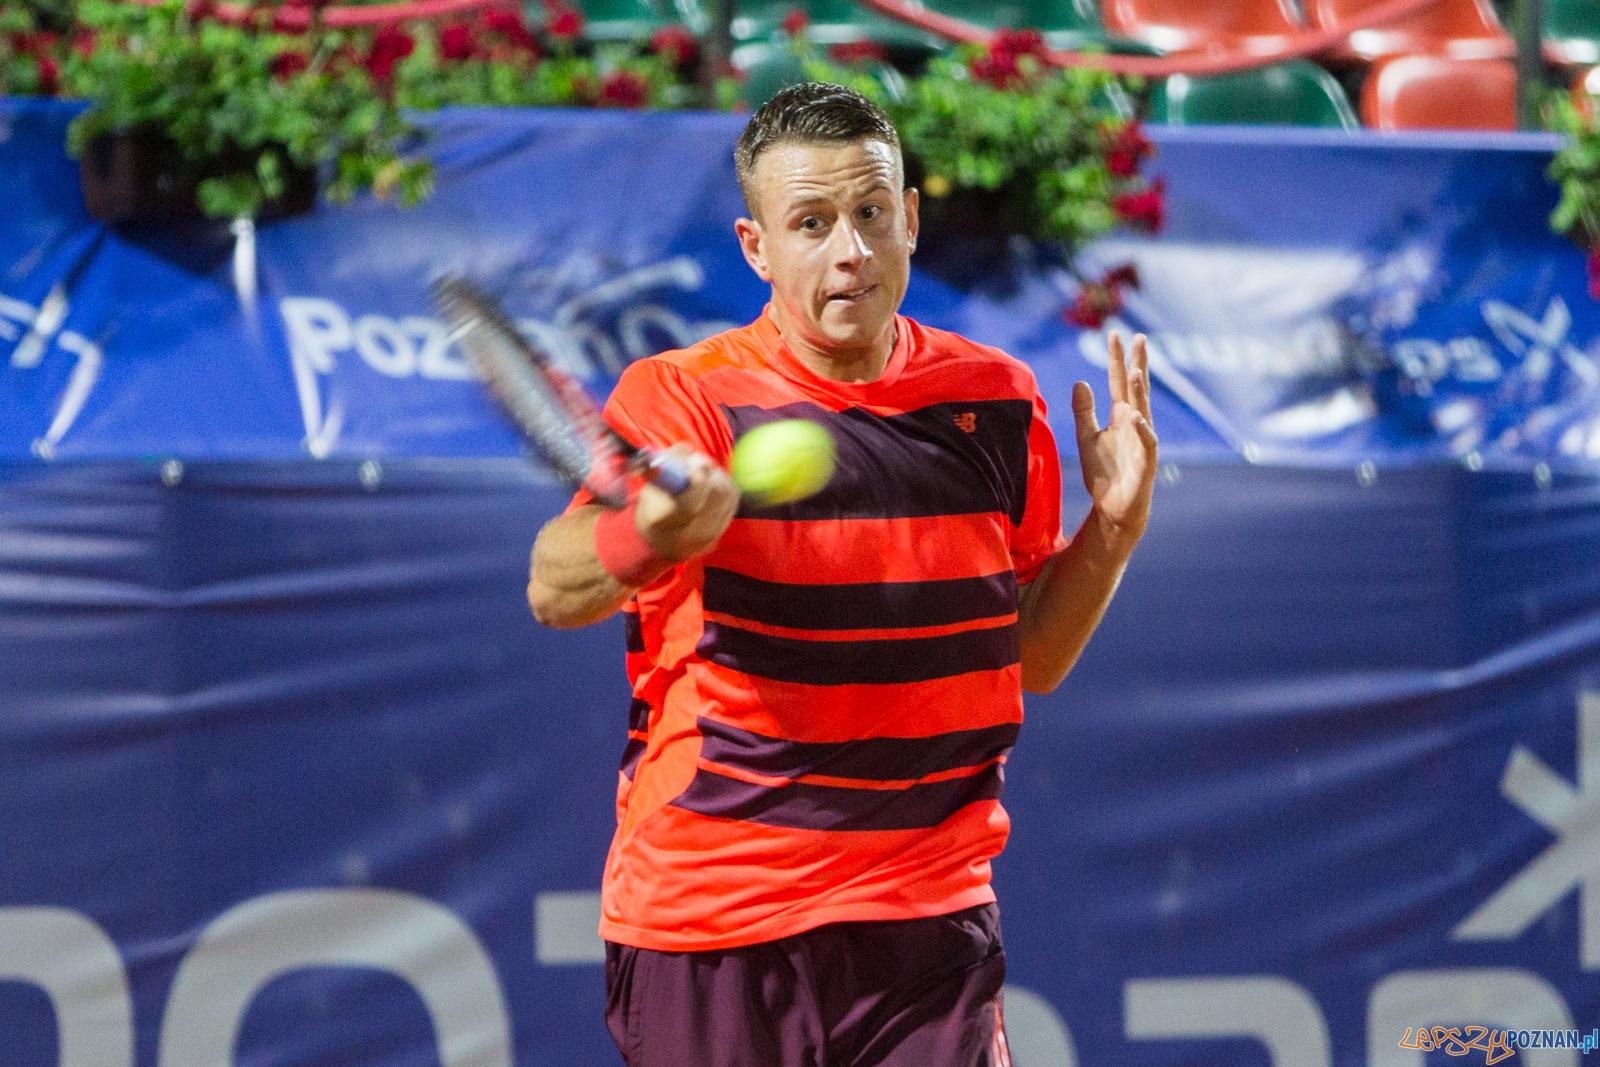 Poznań Open 2016: Radu Albot vs Michał Dembek  Foto: lepszyPOZNAN.pl / Piotr Rychter